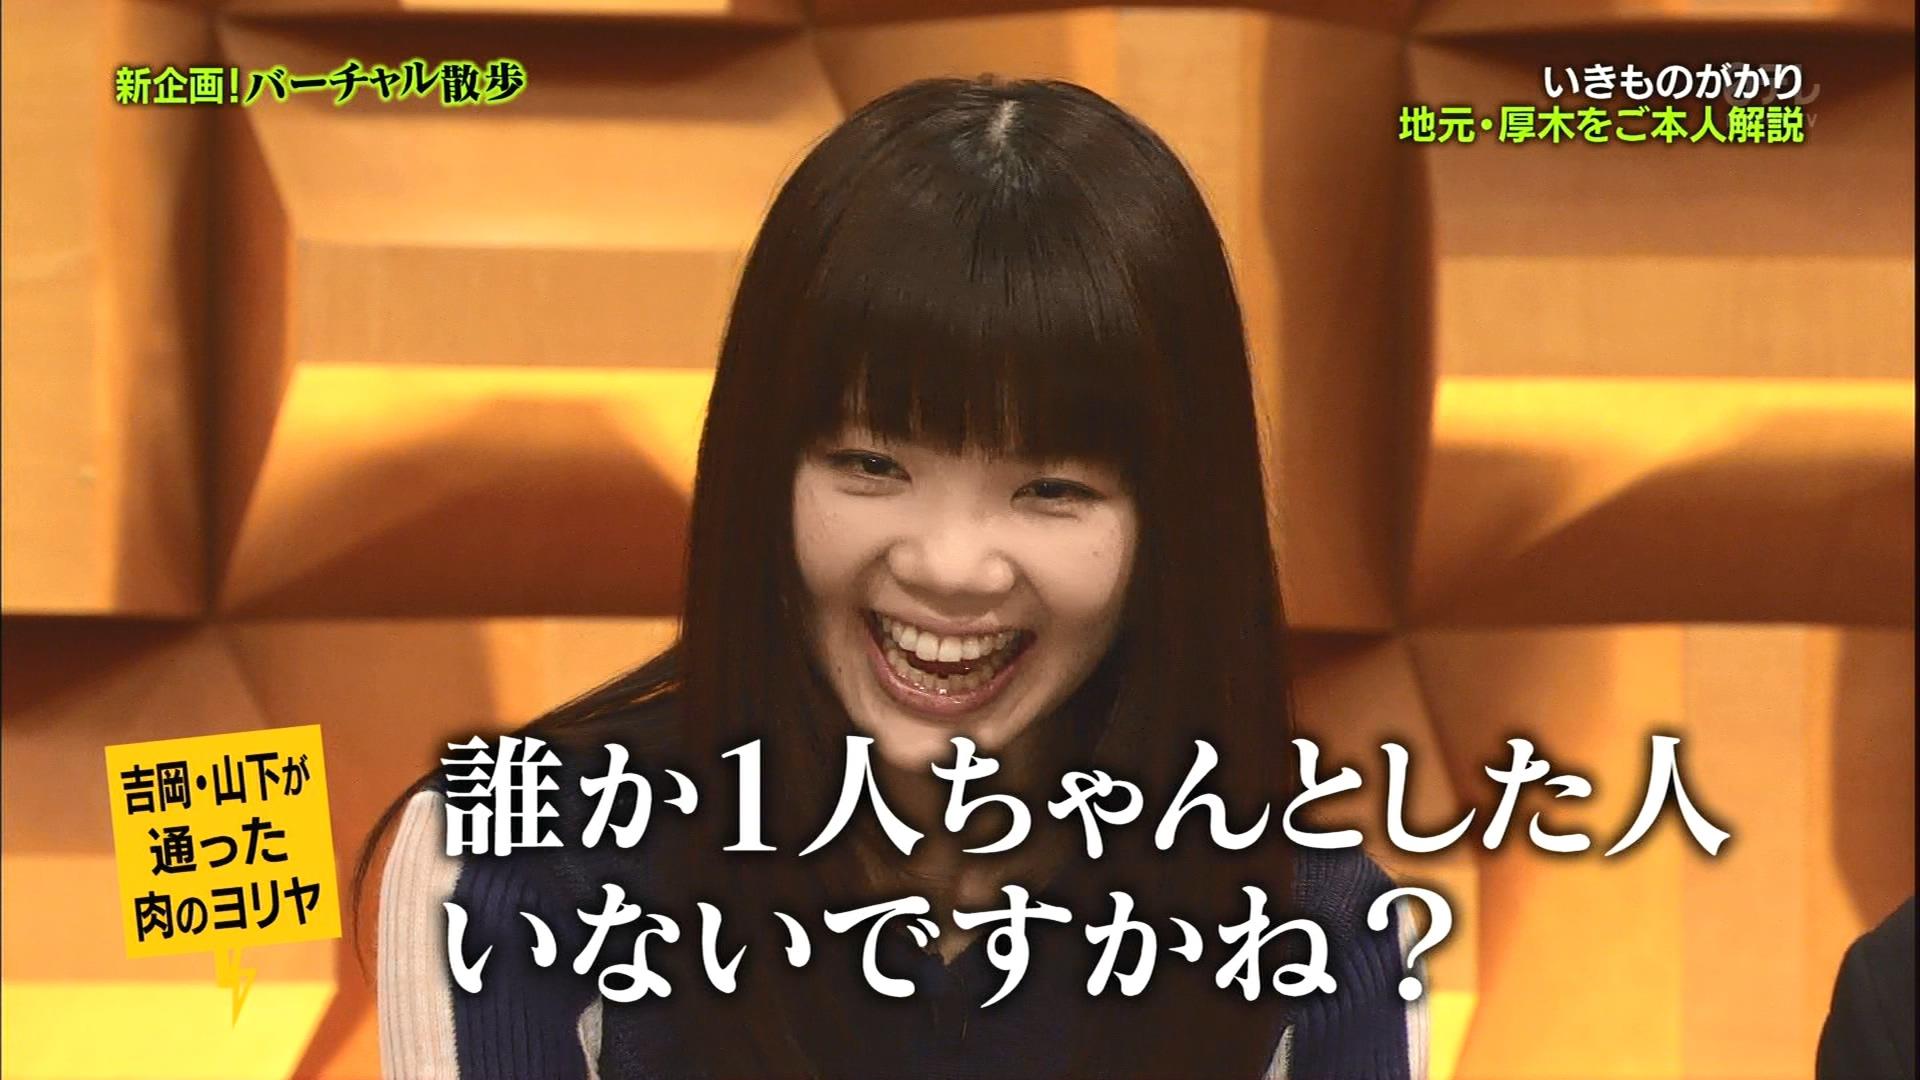 2016.03.11 全場(バズリズム).ts_20160312_015925.182